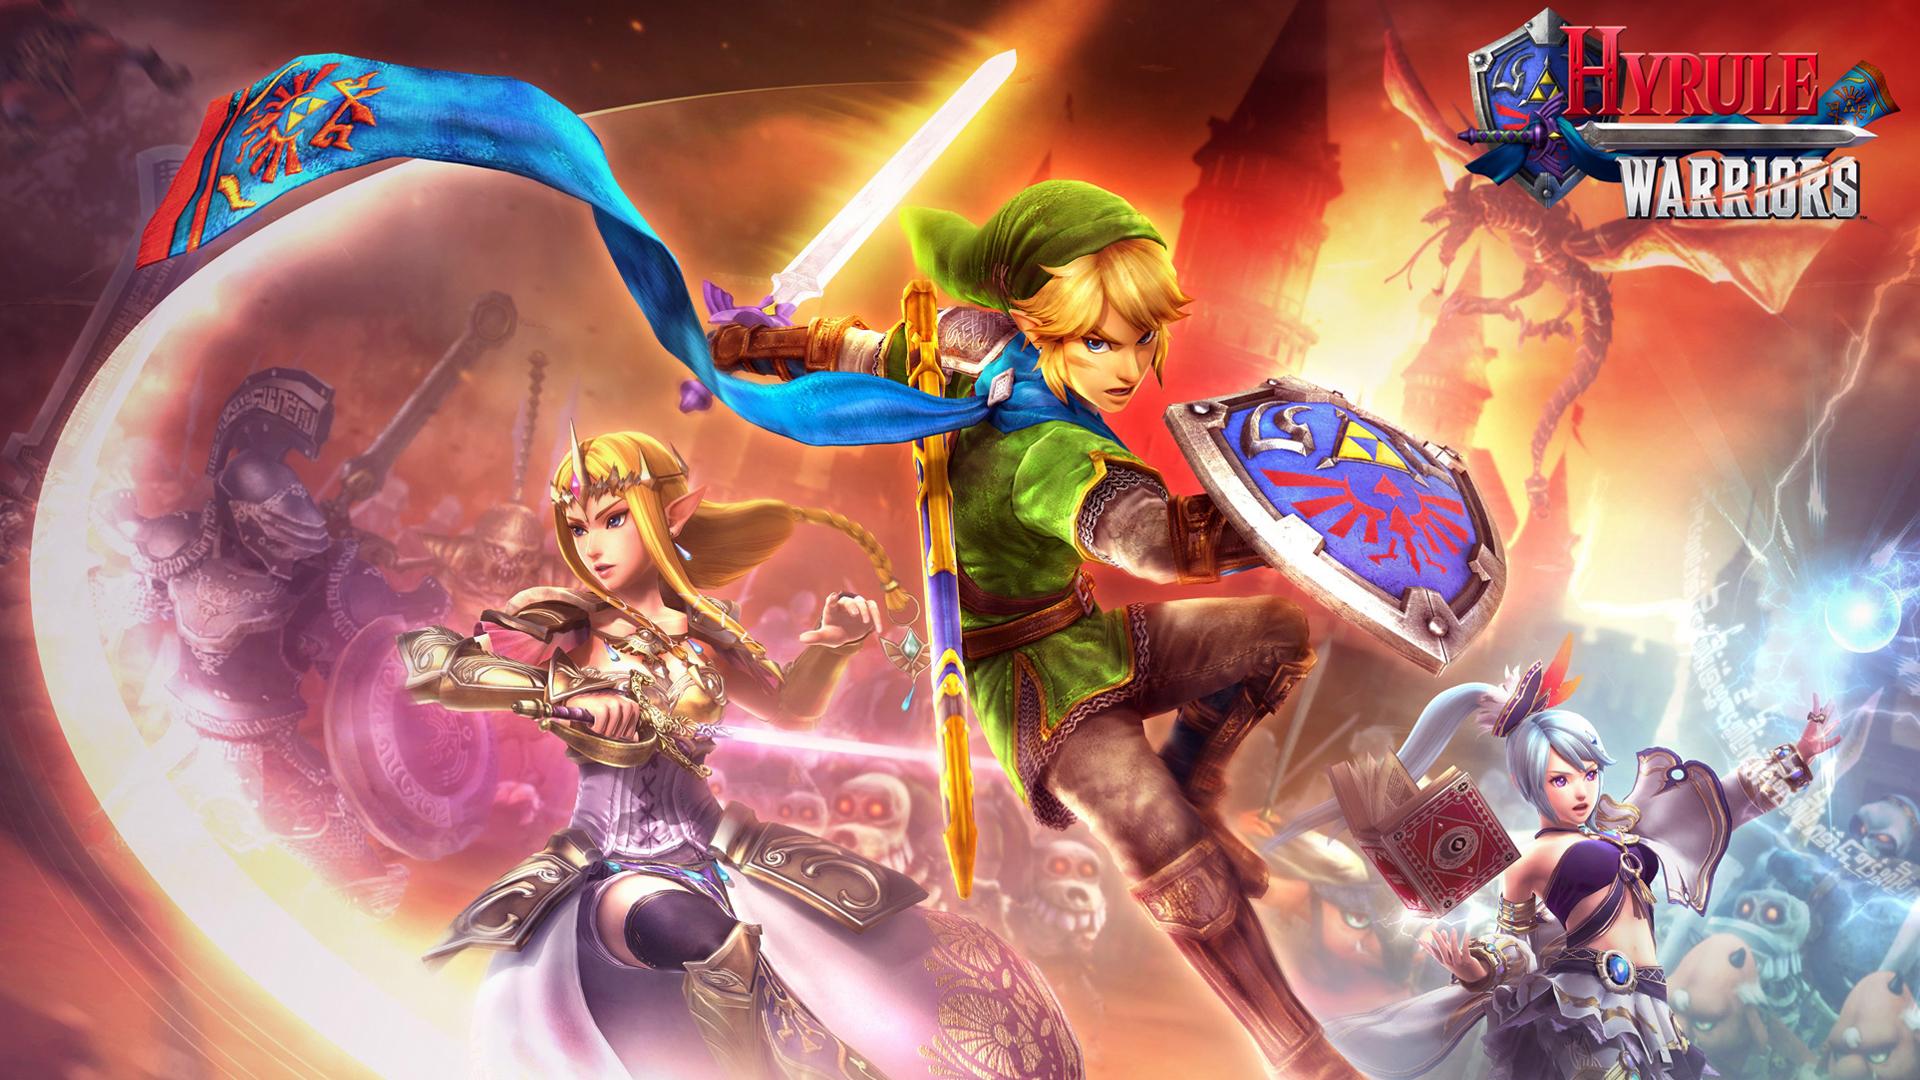 Link Hyrule Warriors Wallpaper Hd